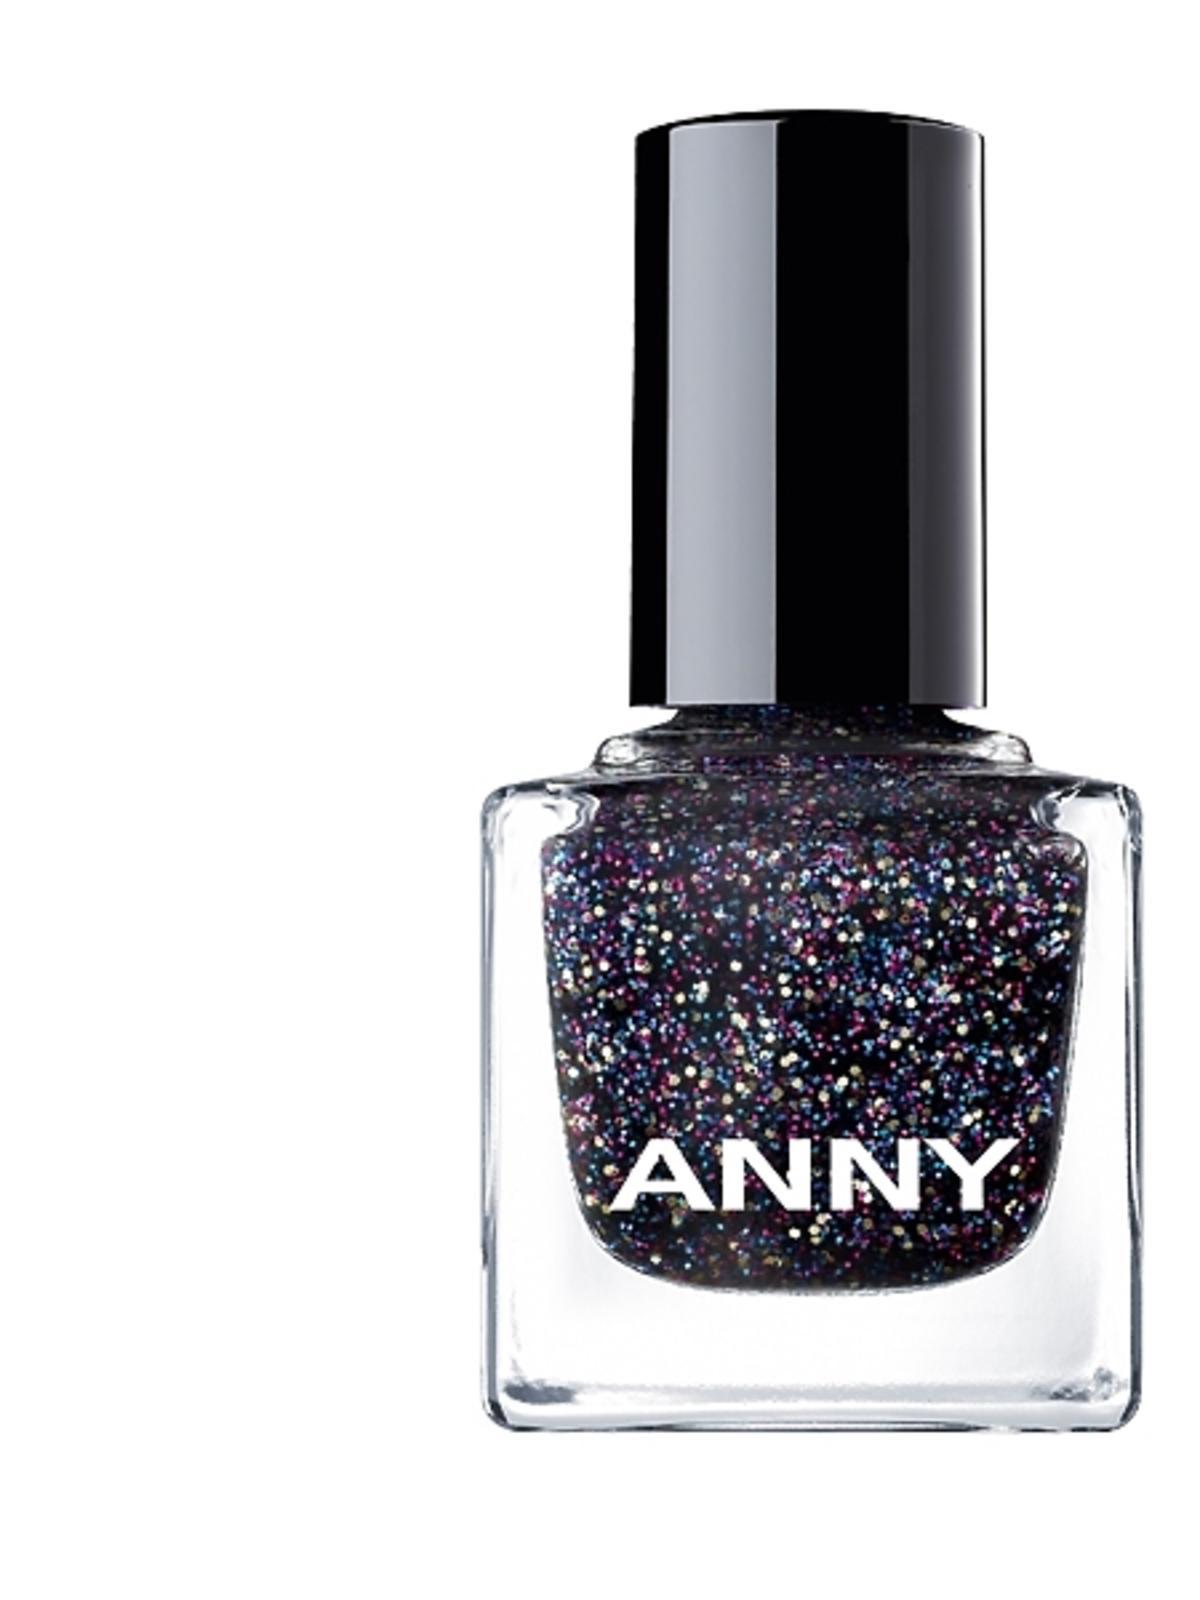 Brokatowy lakier do paznokci Anny, cena